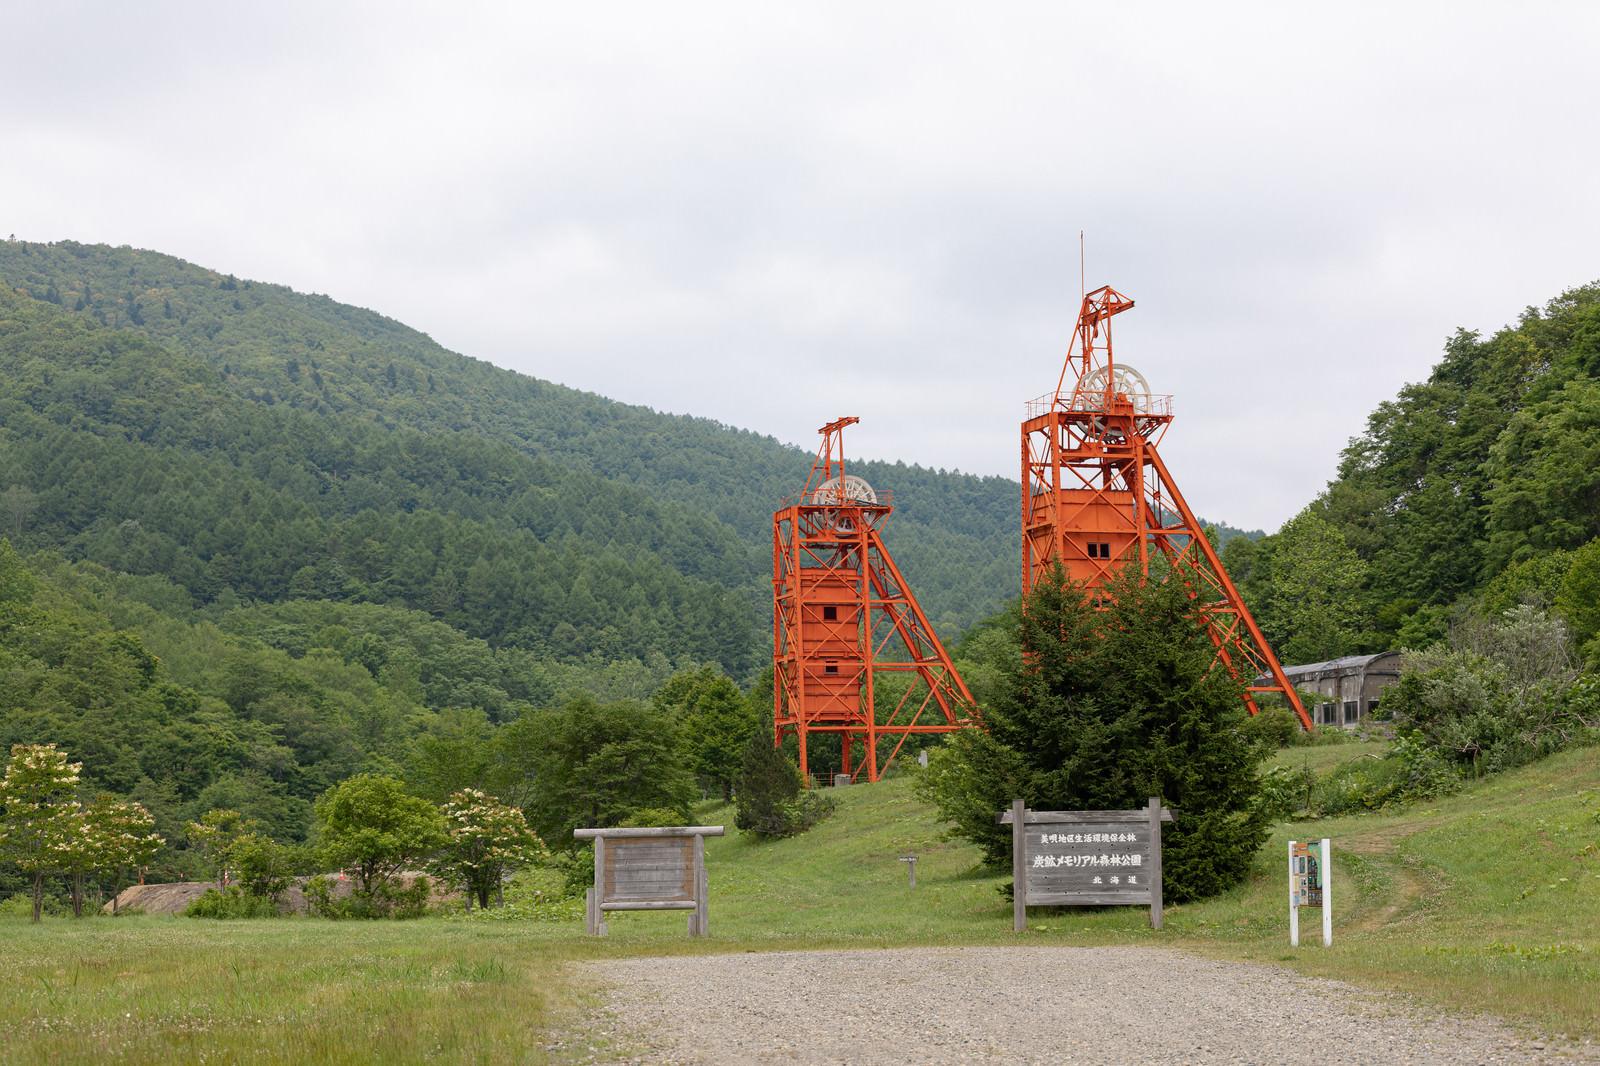 「炭鉱メモリアル森林公園と立坑櫓」の写真